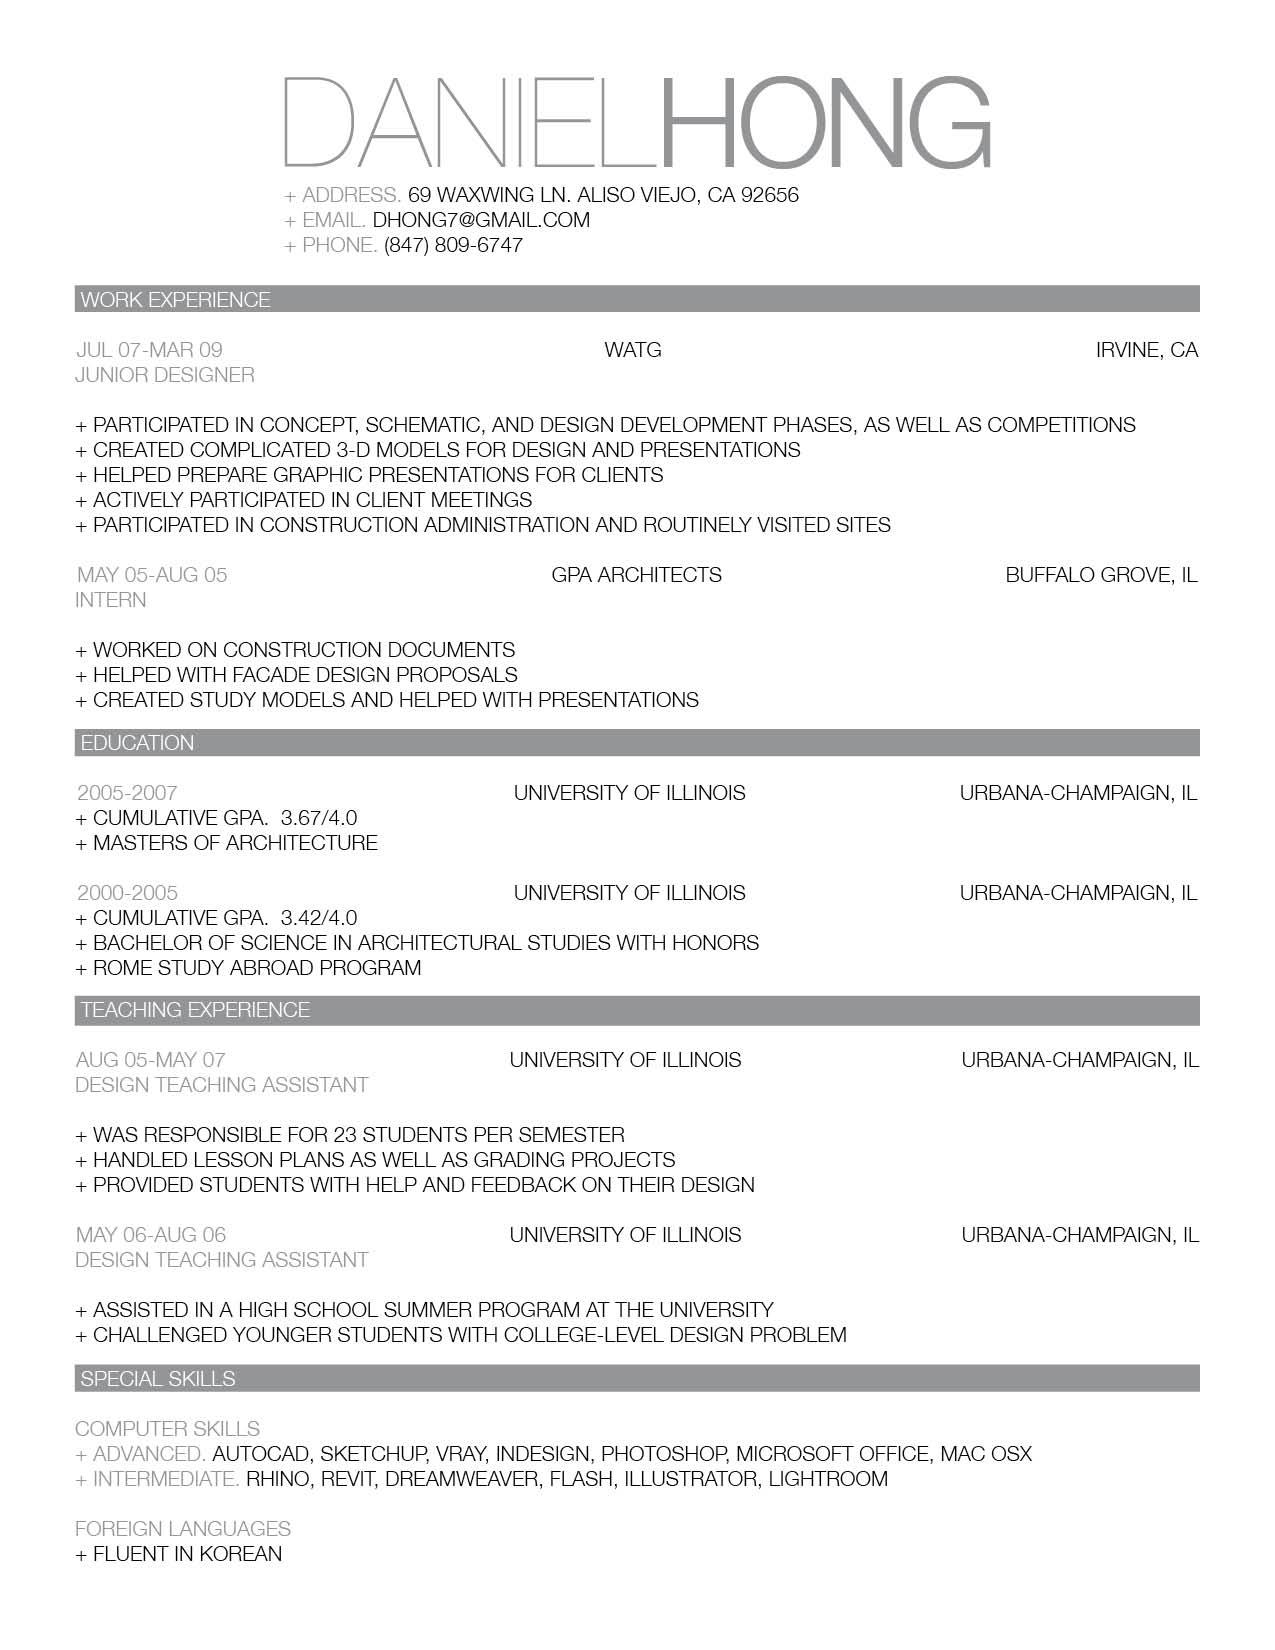 obiee siebel resume 195 course obiee siebel resume obiee siebel resume obiee developer resume